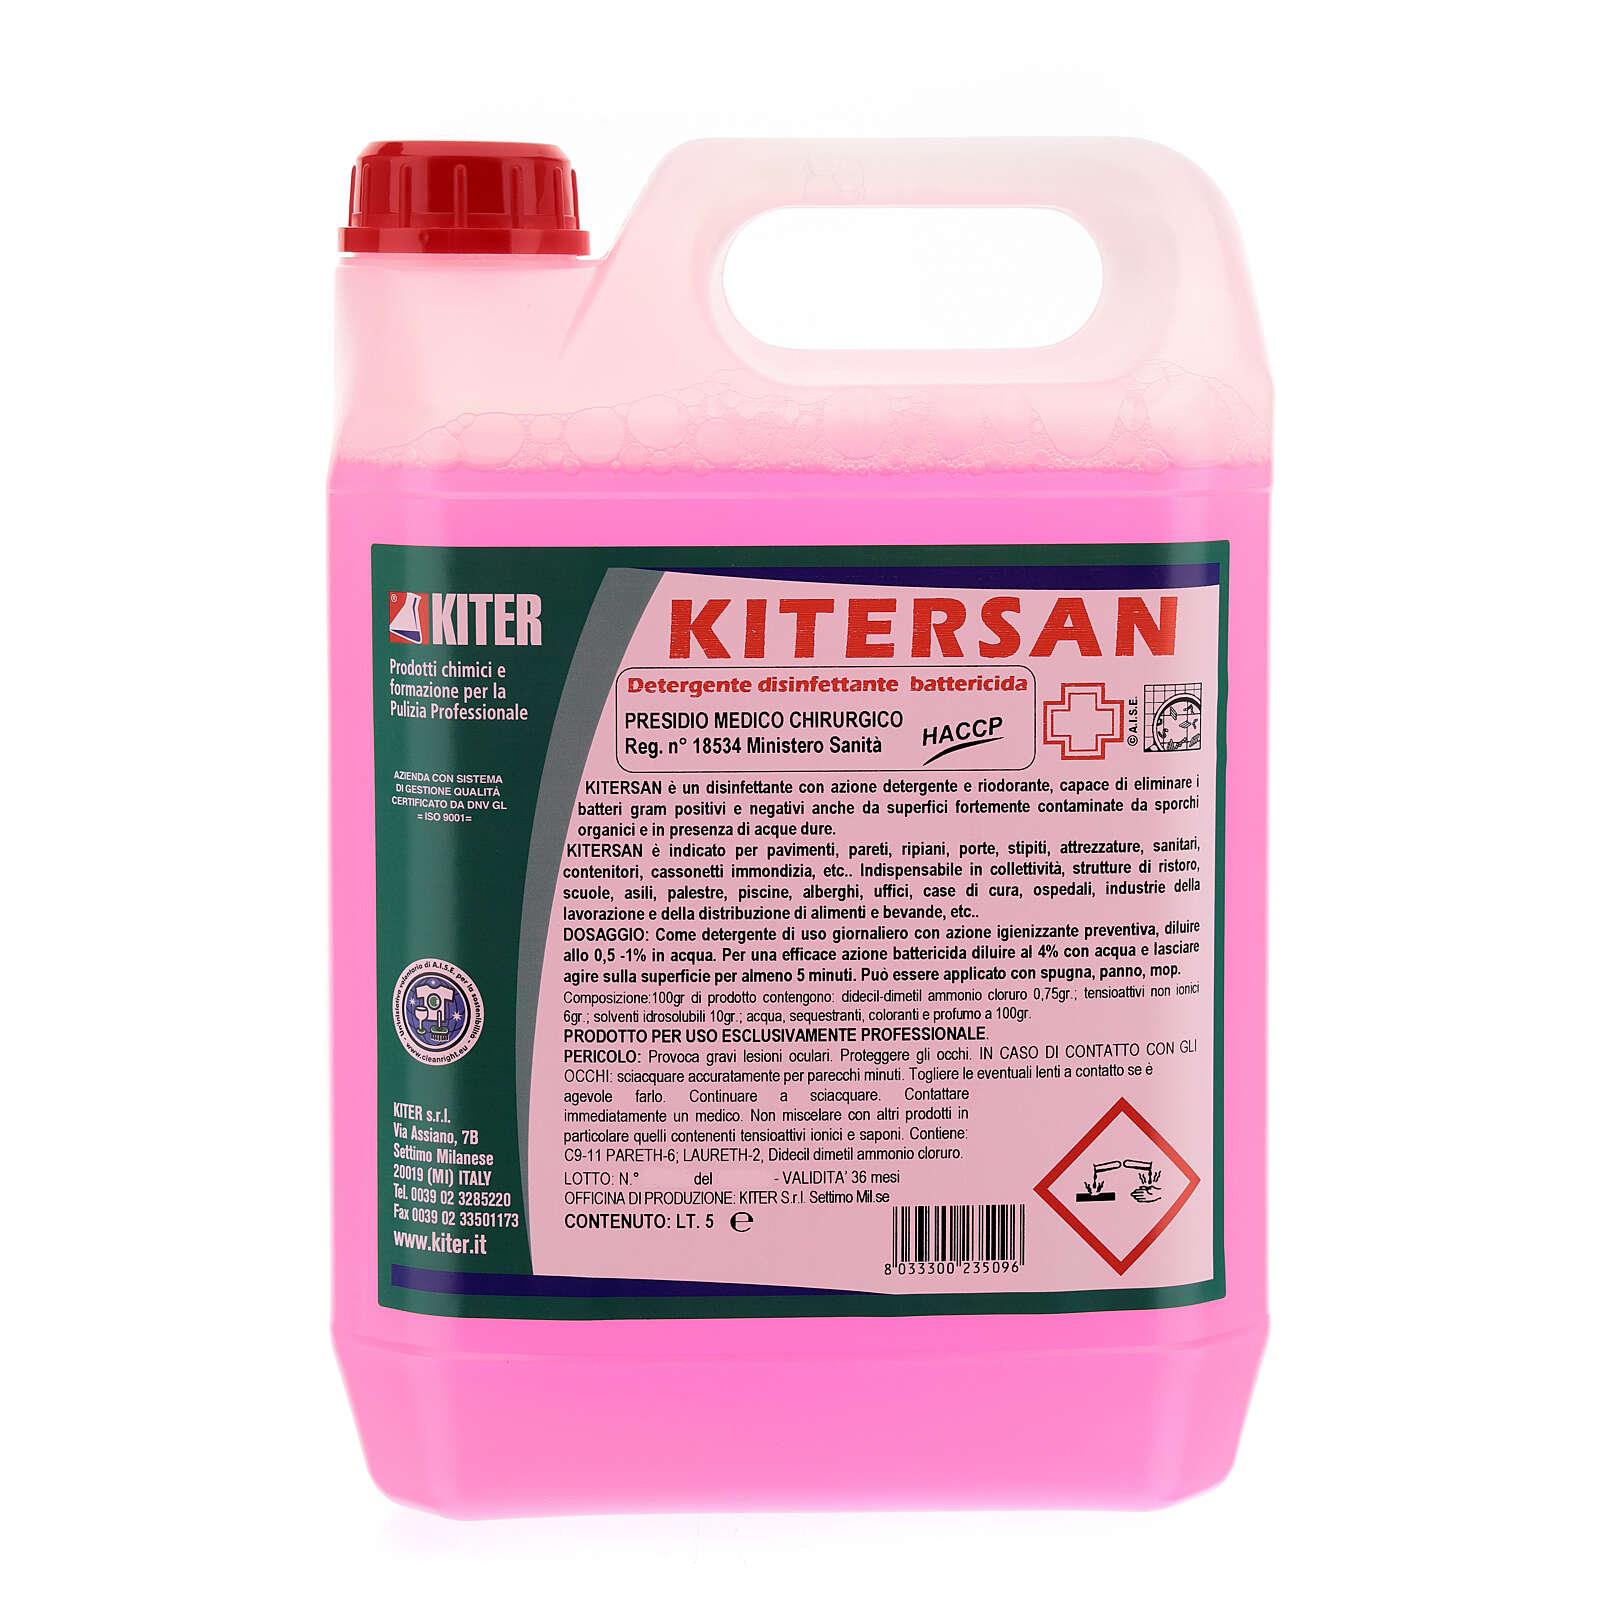 Kitersan detergent środek dezynfekujący bakteriobójczy 5 litry 3